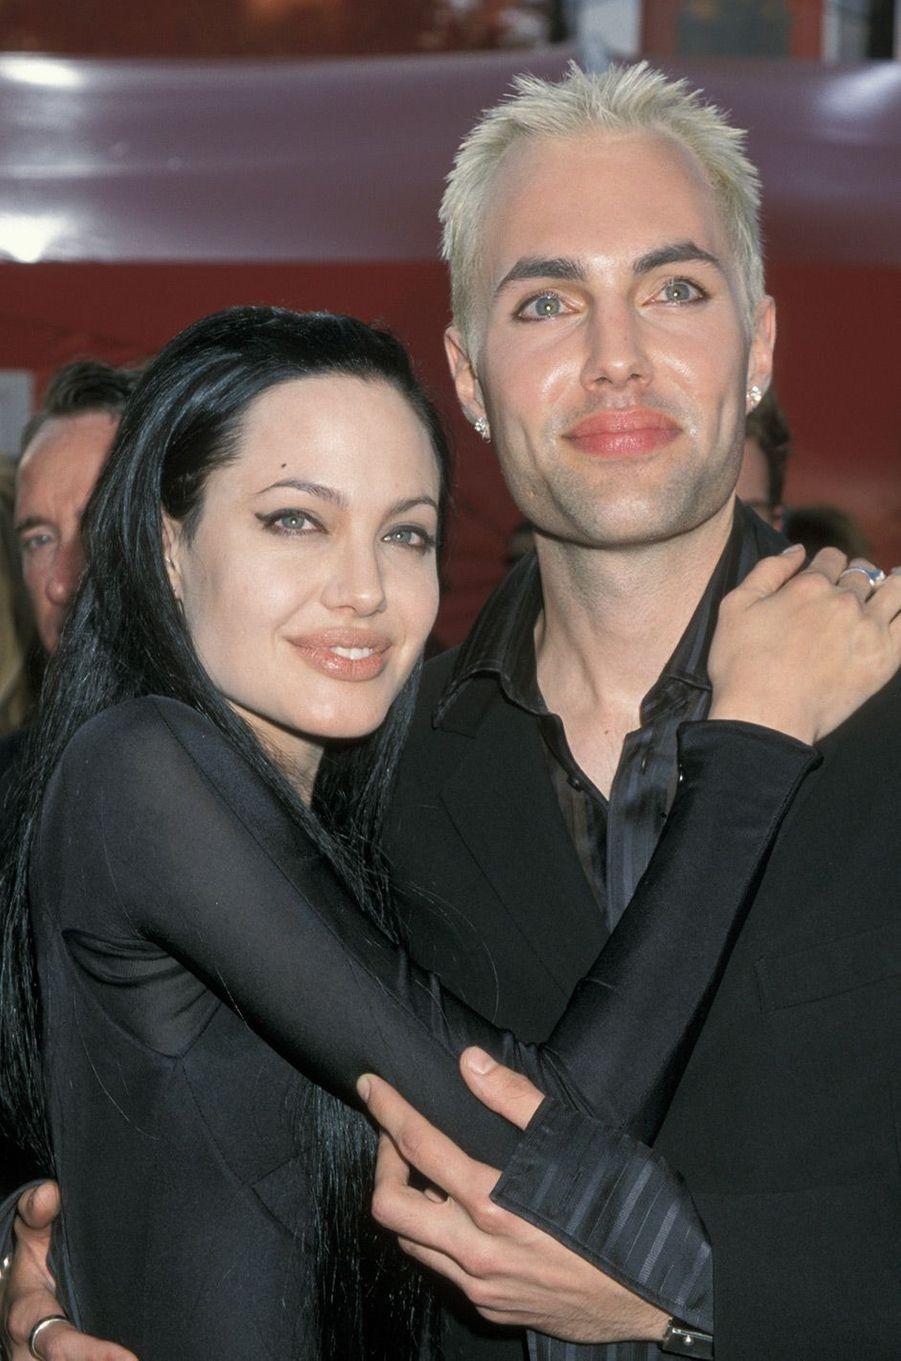 """72ème cérémonie des Oscars (2000)Moment étrange : sur le tapis rouge des Oscars, Angelina Jolie embrasse à pleine bouche son frère, James Haven, qui l'accompagne. Lors de son discours de remerciement pour l'Oscar de la meilleure actrice dans un second rôle pour """"Une vie volée"""", de James Mangold, elle déclare : """"Je suis choquée et je suis pleine d'amour pour mon frère actuellement... Il m'a pris dans ses bras et m'a dit qu'il m'aimait et je sais qu'il est heureux pour moi"""".(Photo : Angelina Jolie et son frère James Haven sur le tapis rouge des Oscars 2000)"""